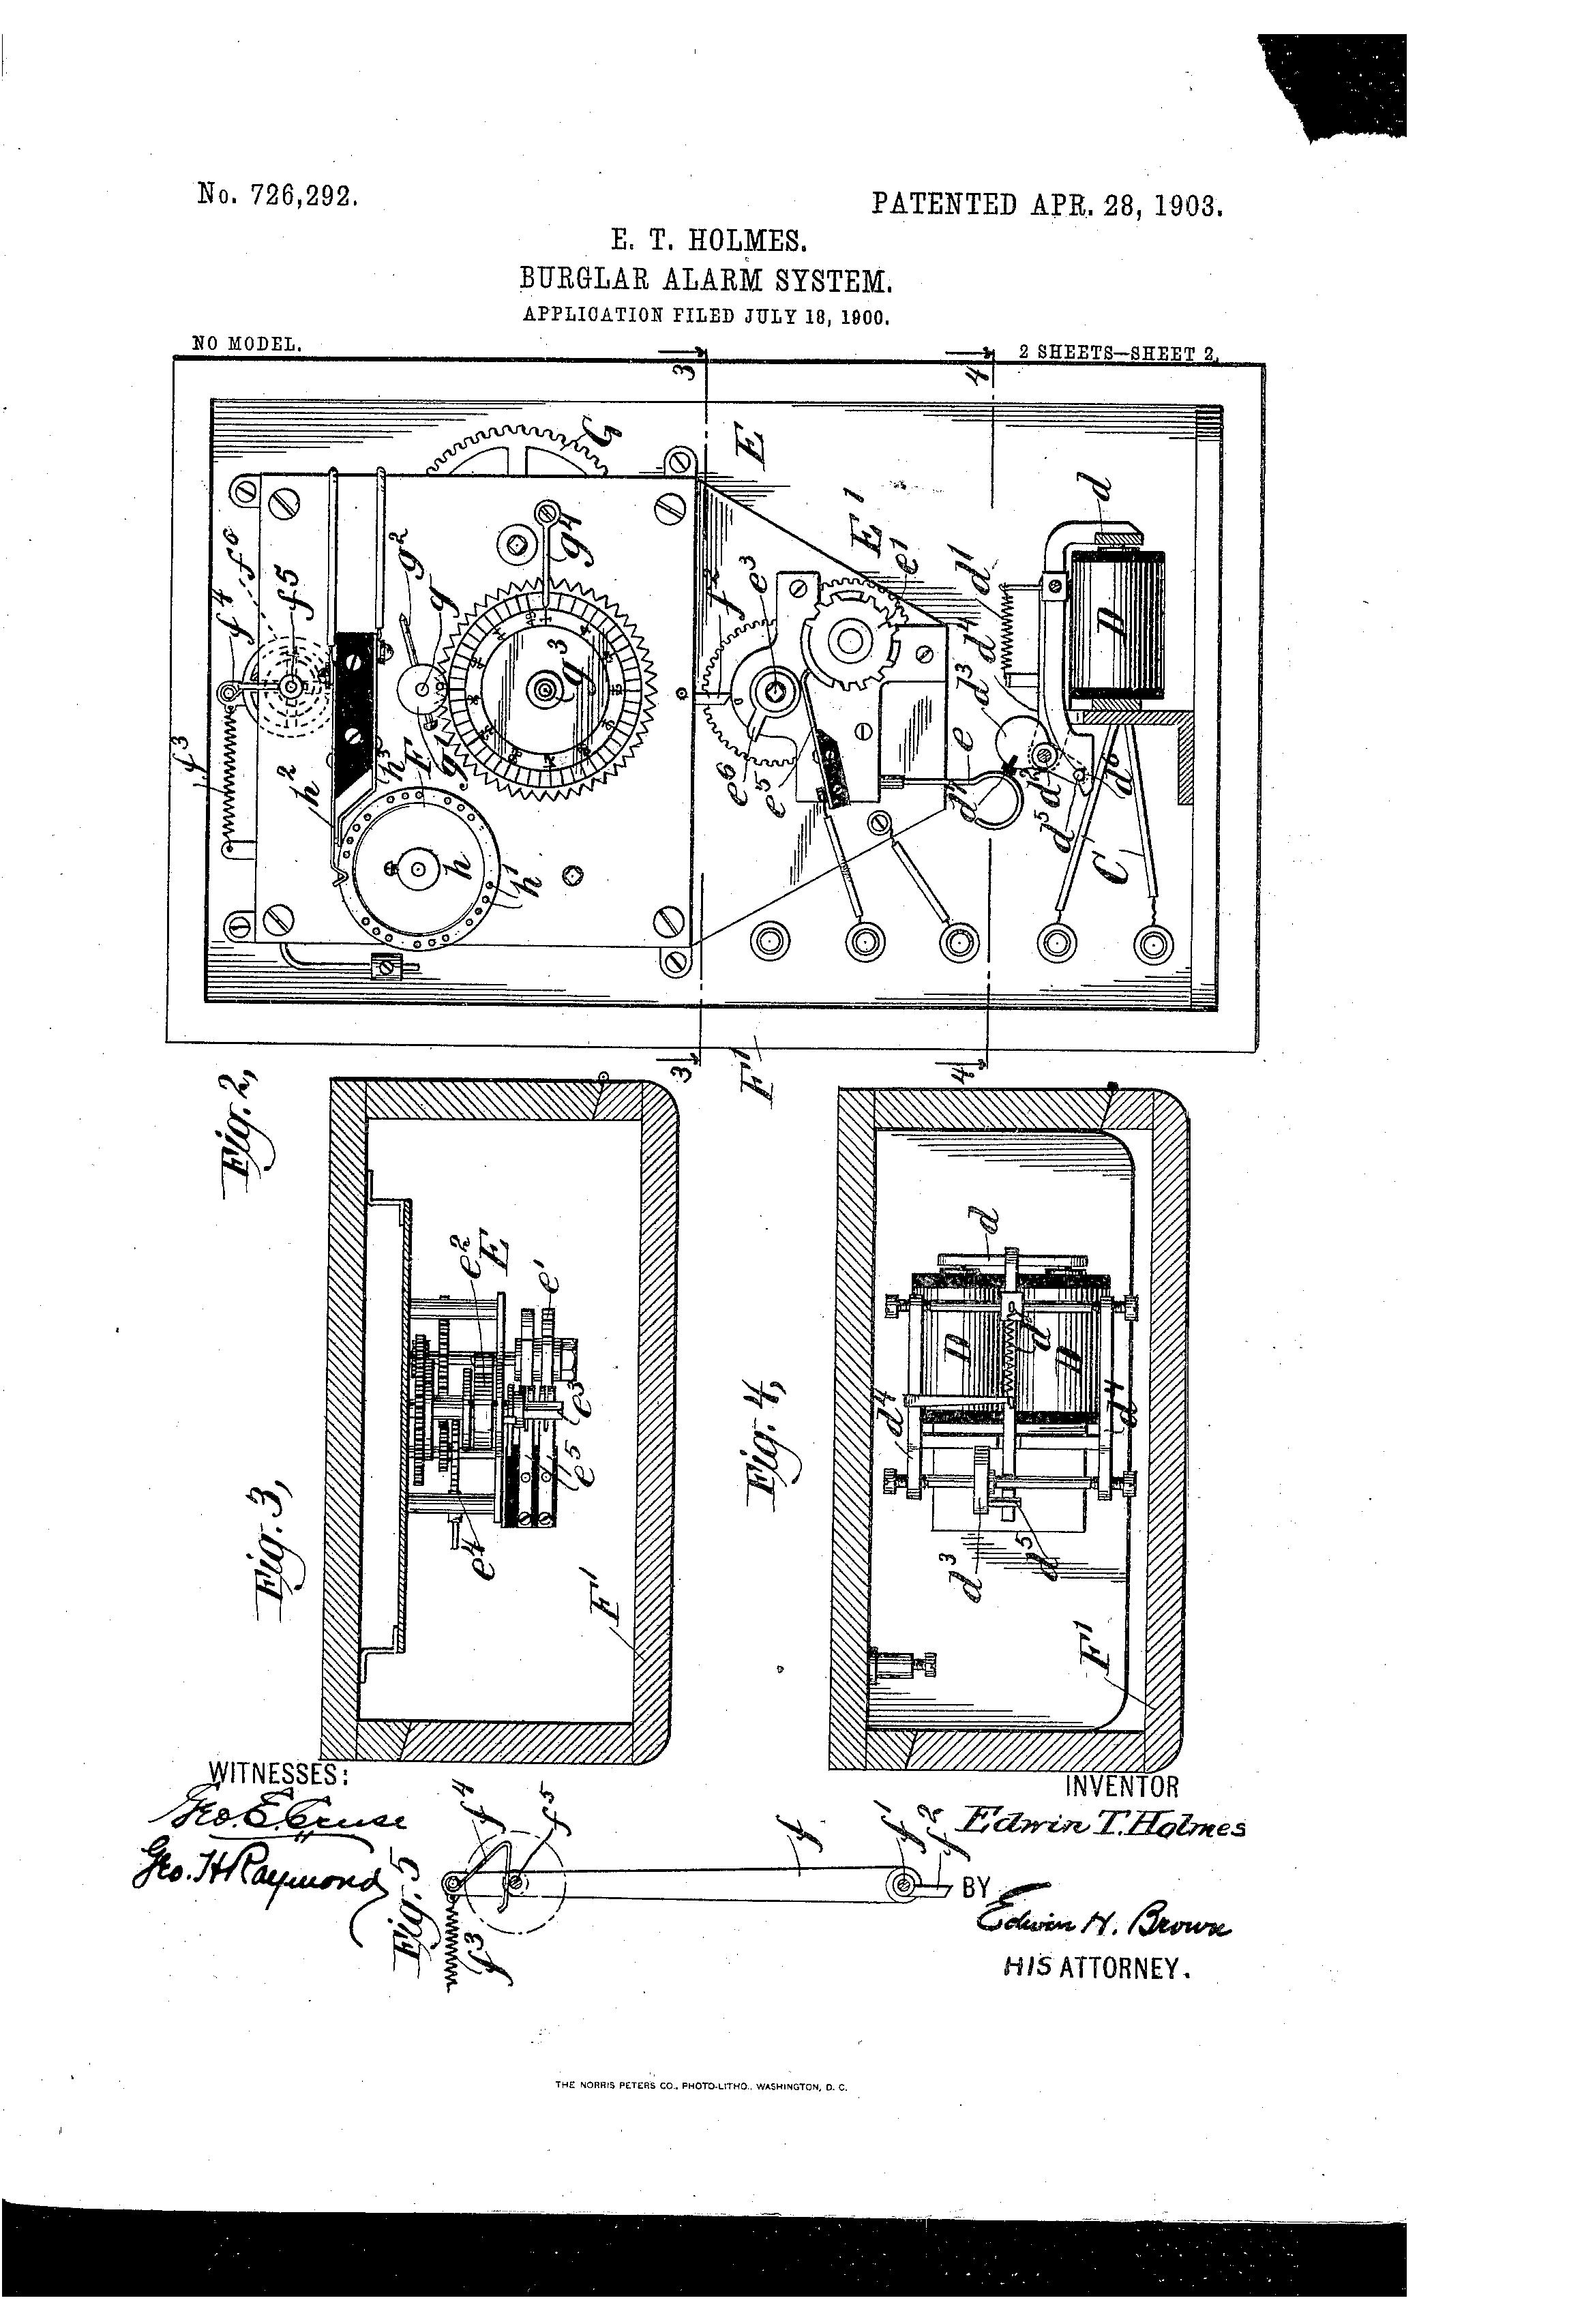 Patentrechte für die erste elektromagnetische Alarmanlage